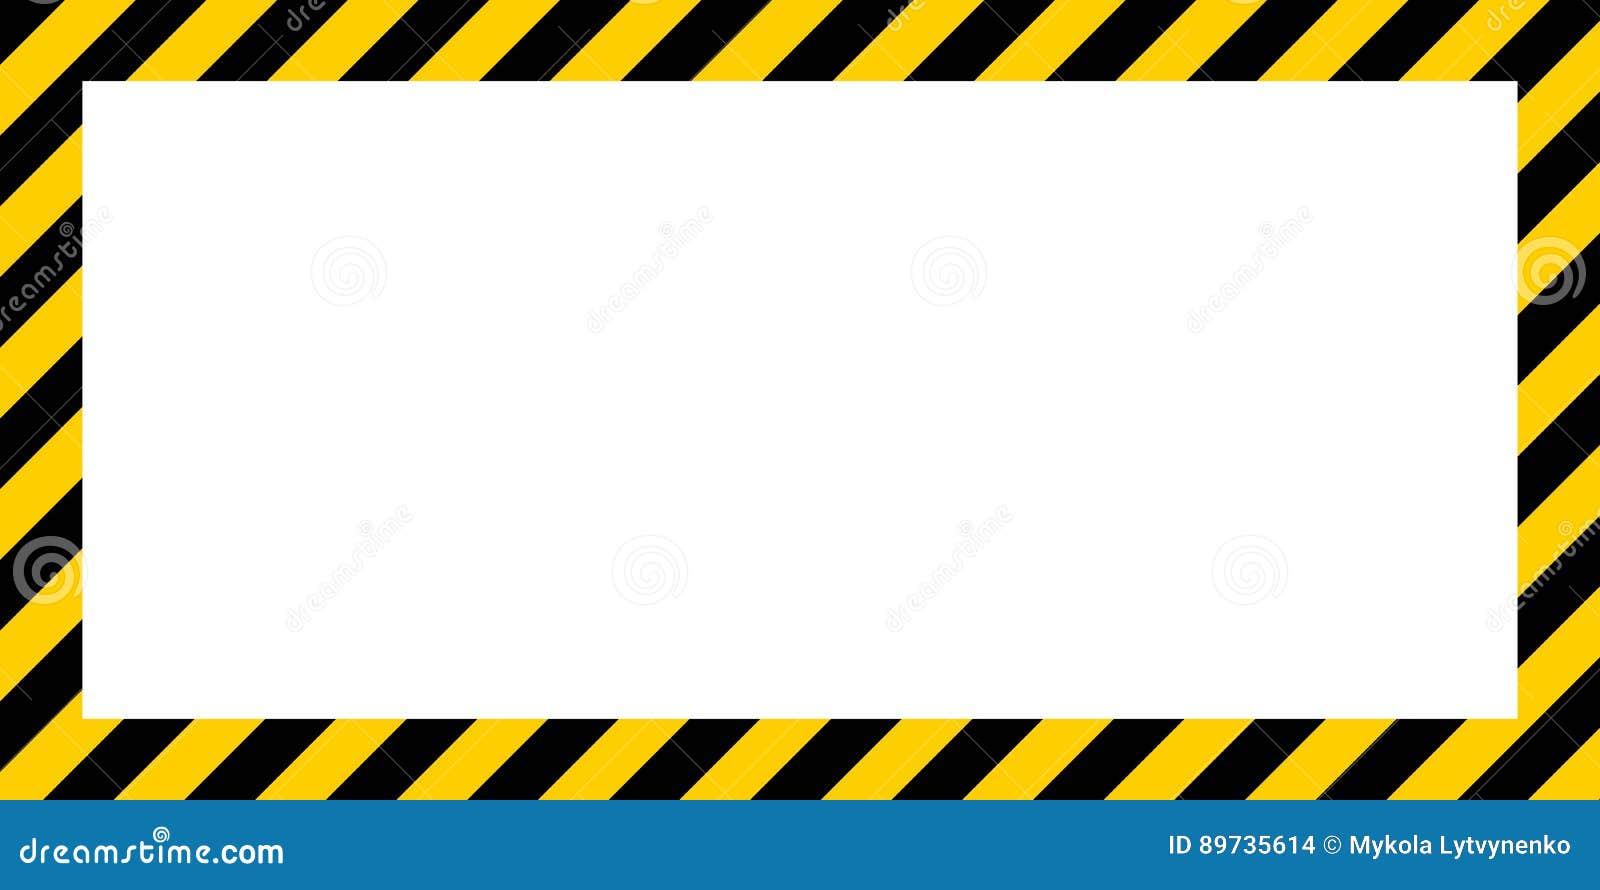 Beira de advertência da cor da construção amarela e preta da beira retangular listrada de advertência do fundo